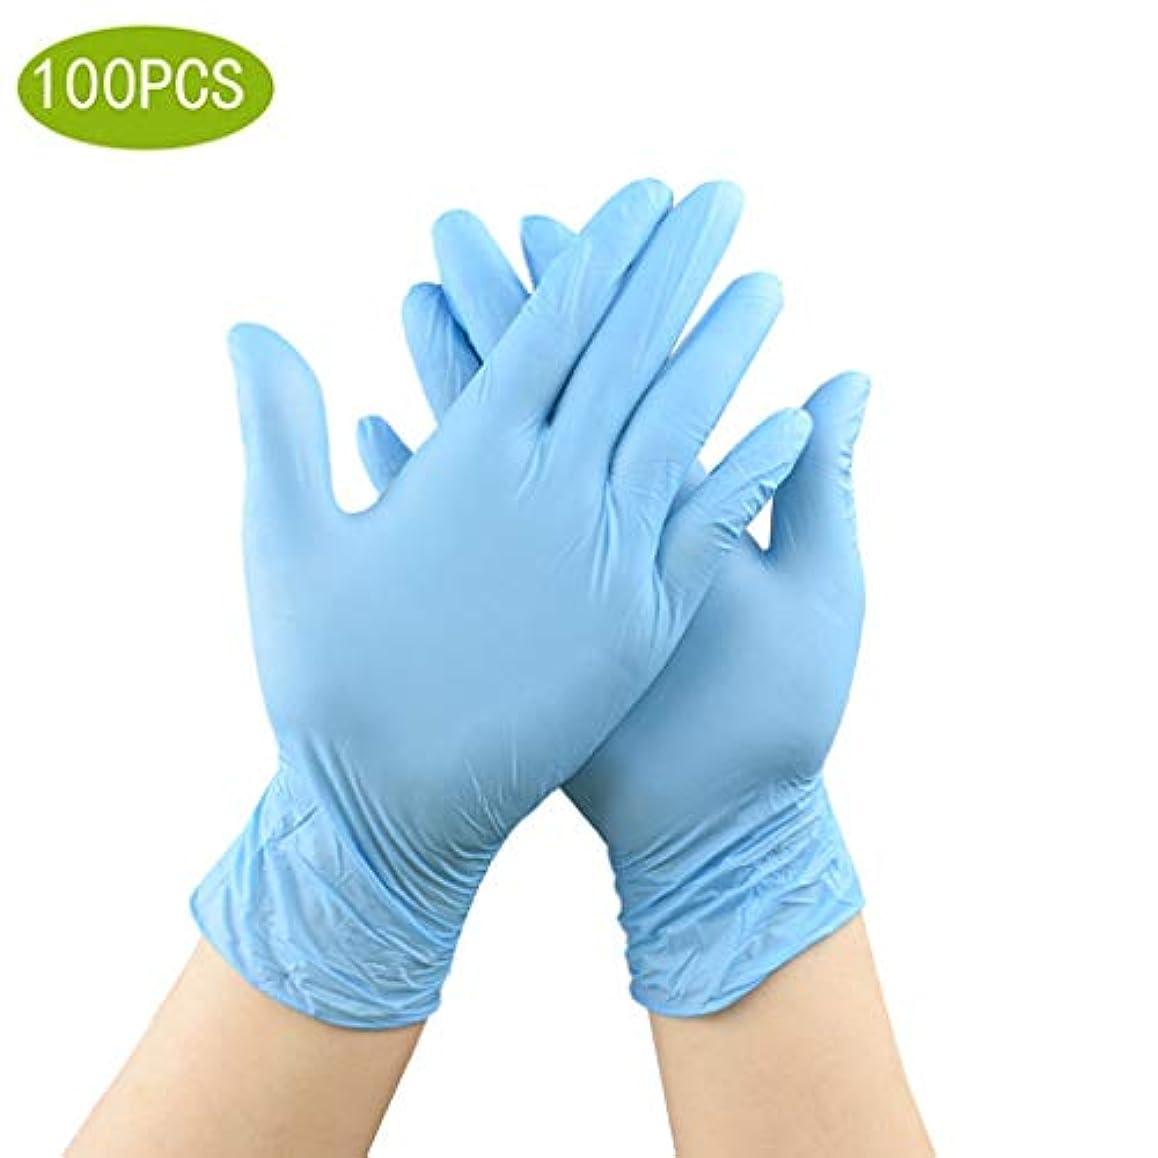 困惑かわいらしい炭水化物保護用使い捨てニトリル医療用手袋、3mil、ラテックスフリー、試験グレードの手袋、質感のある、両性、無菌、100個入り (Size : M)